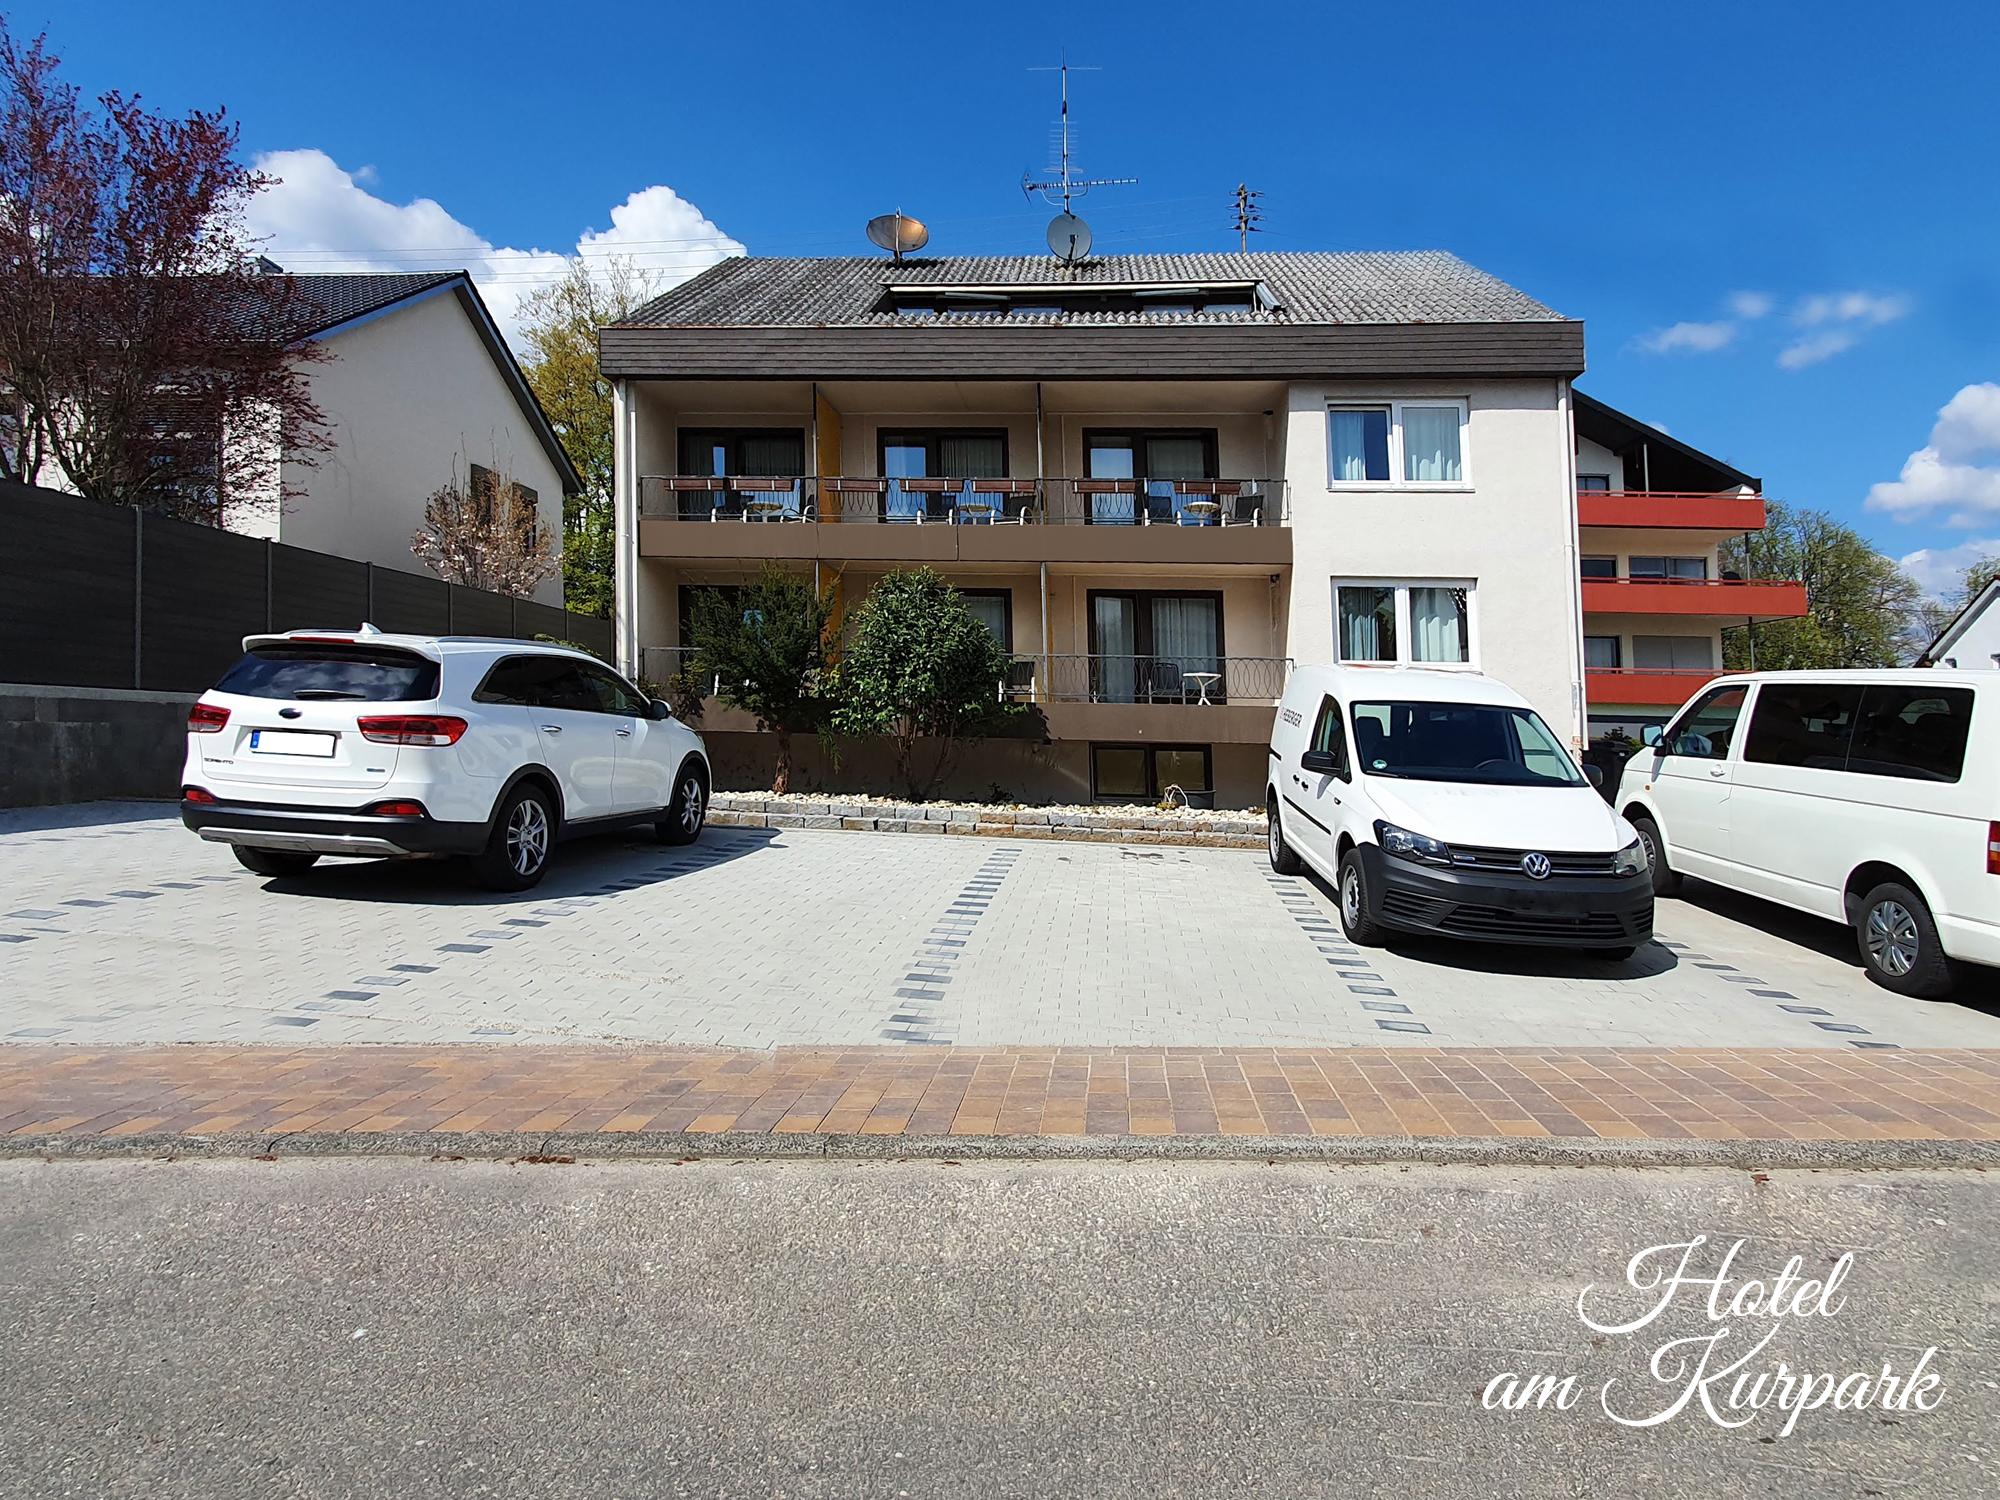 Hotel am Kurpark in Bad Wimpfen - Hotel für Monteure und Handwerker